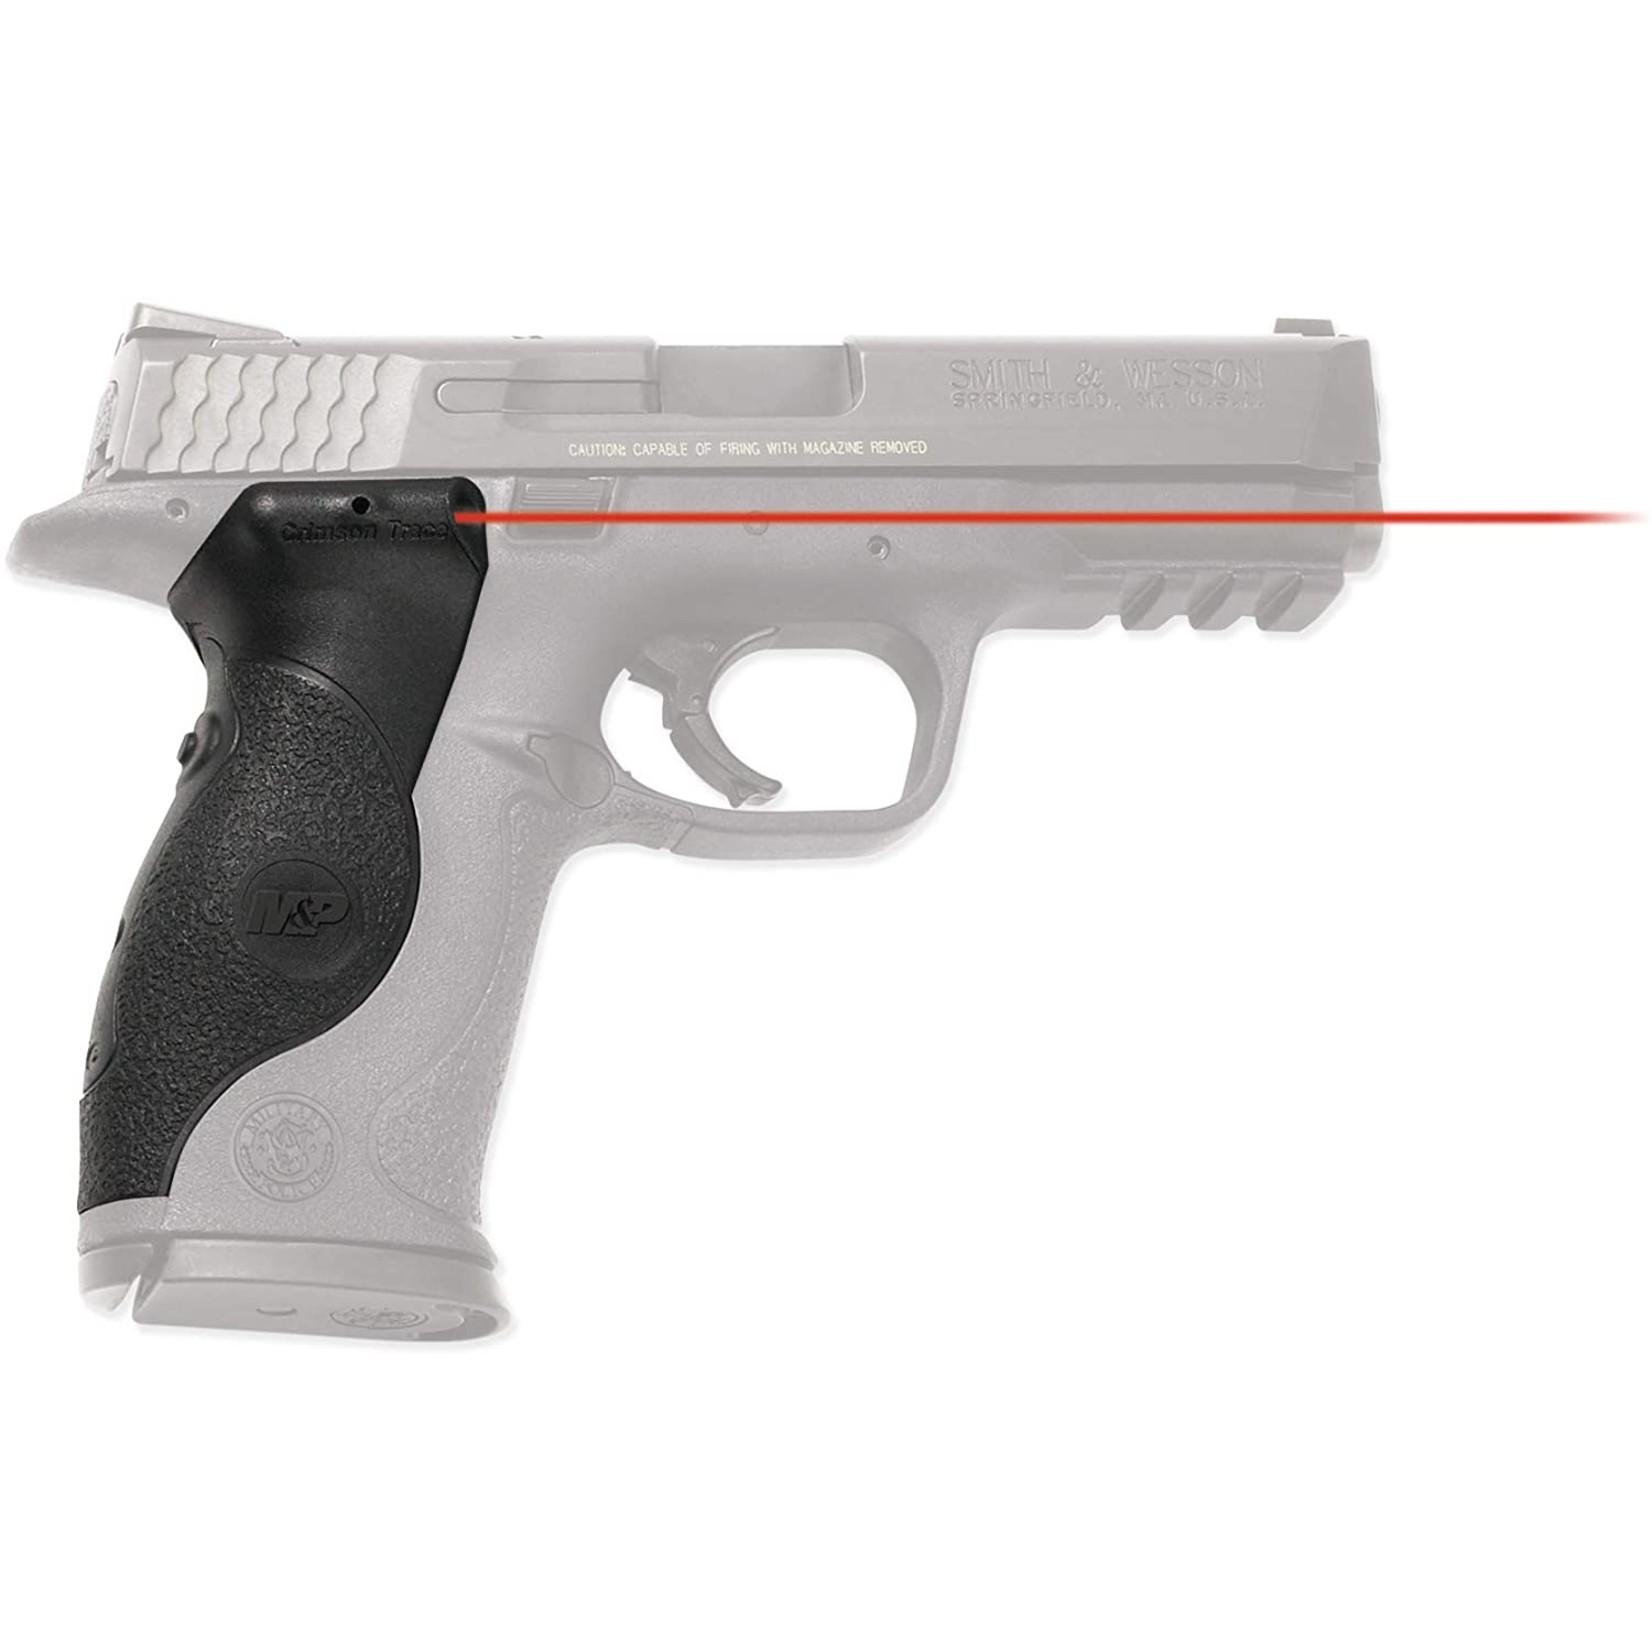 Crimson Trace LG-660 Lasergrips Laser Sight, Blk, Pressure Sensor